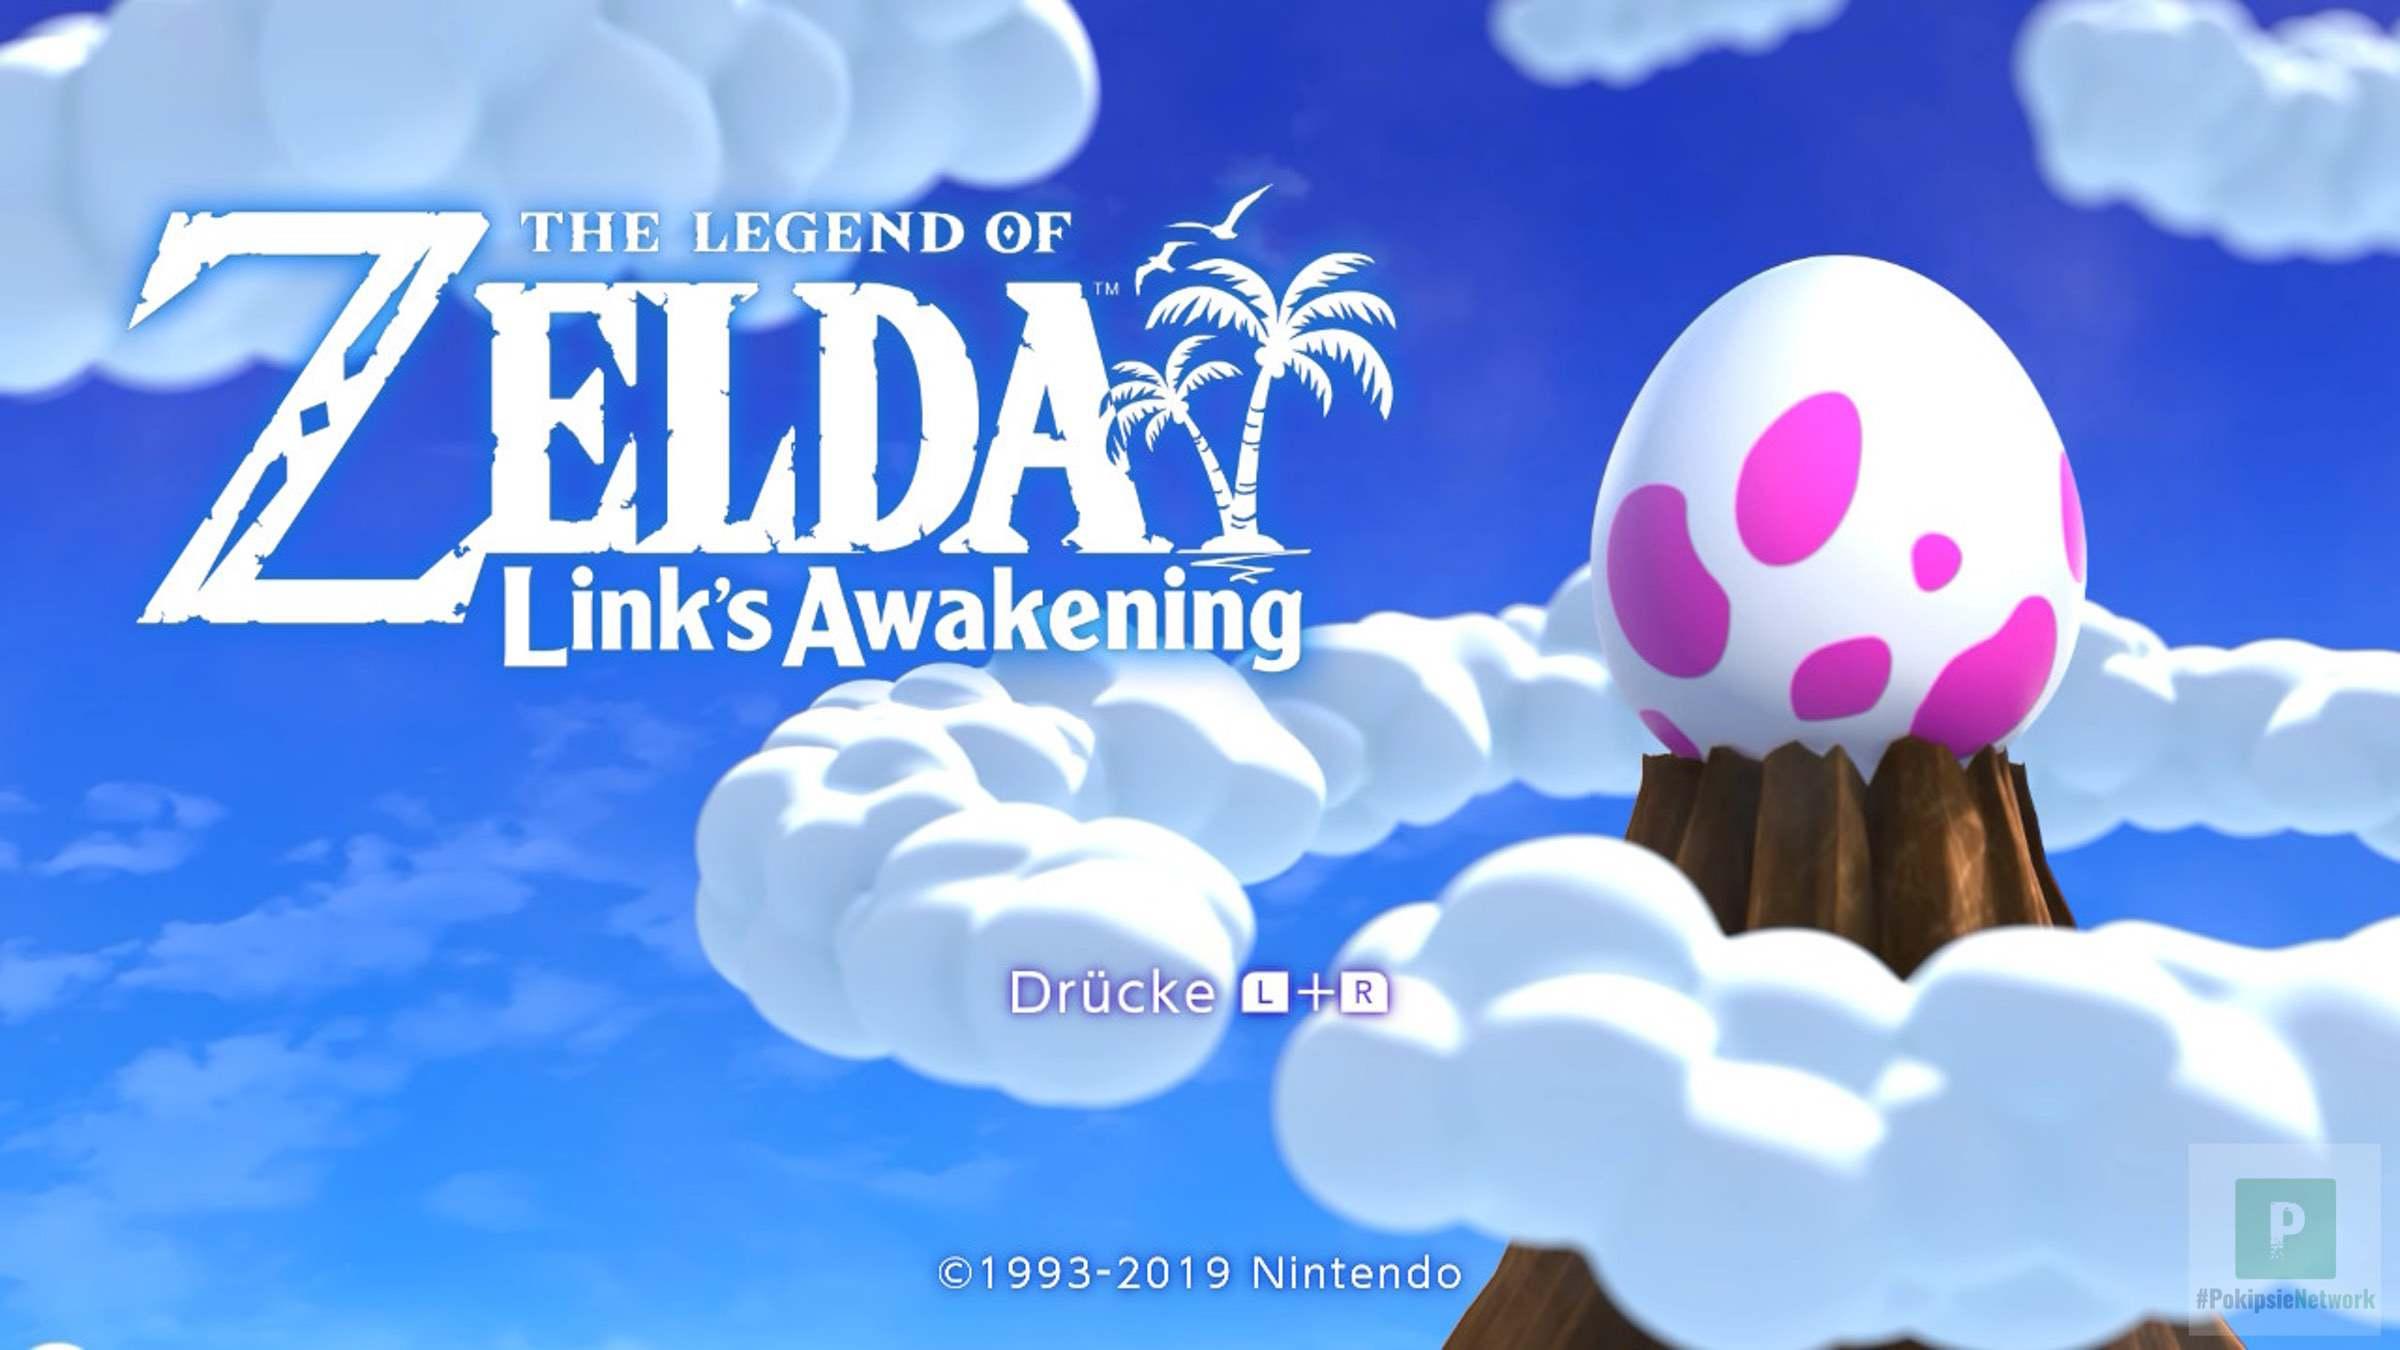 Testbericht: The Legend of Zelda: Link's Awakening – Zwischen Retro-Wahnsinn und Performance-Problemen